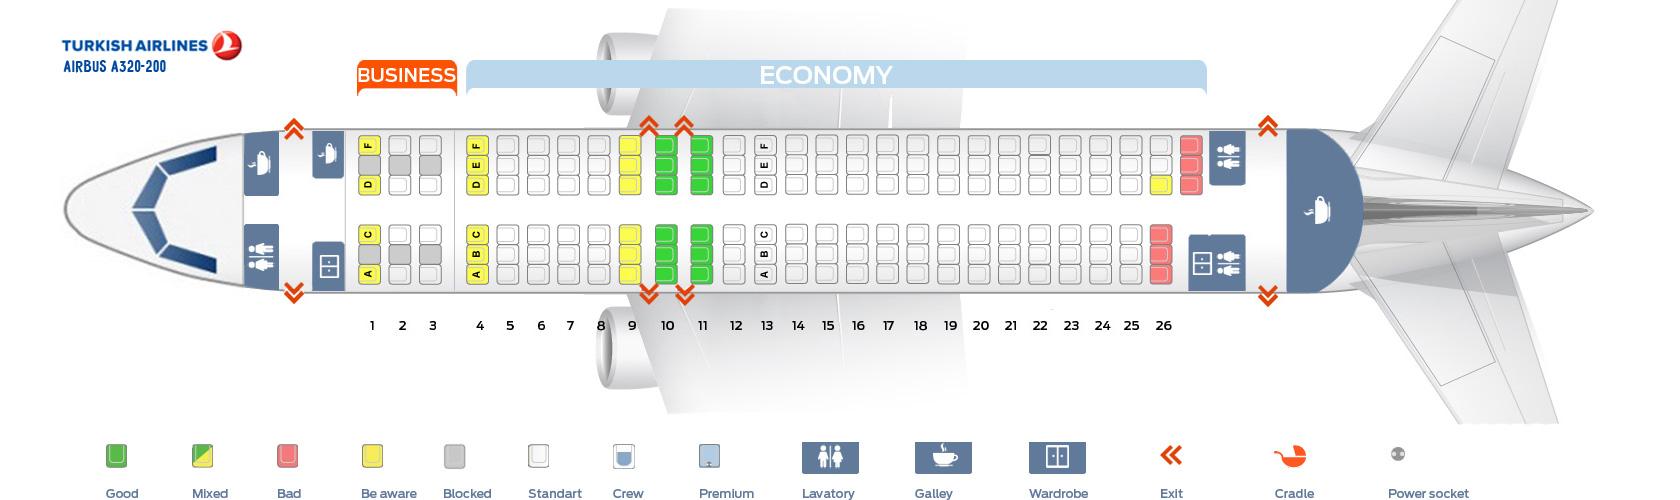 Схема салона А320 Turkish Airlines